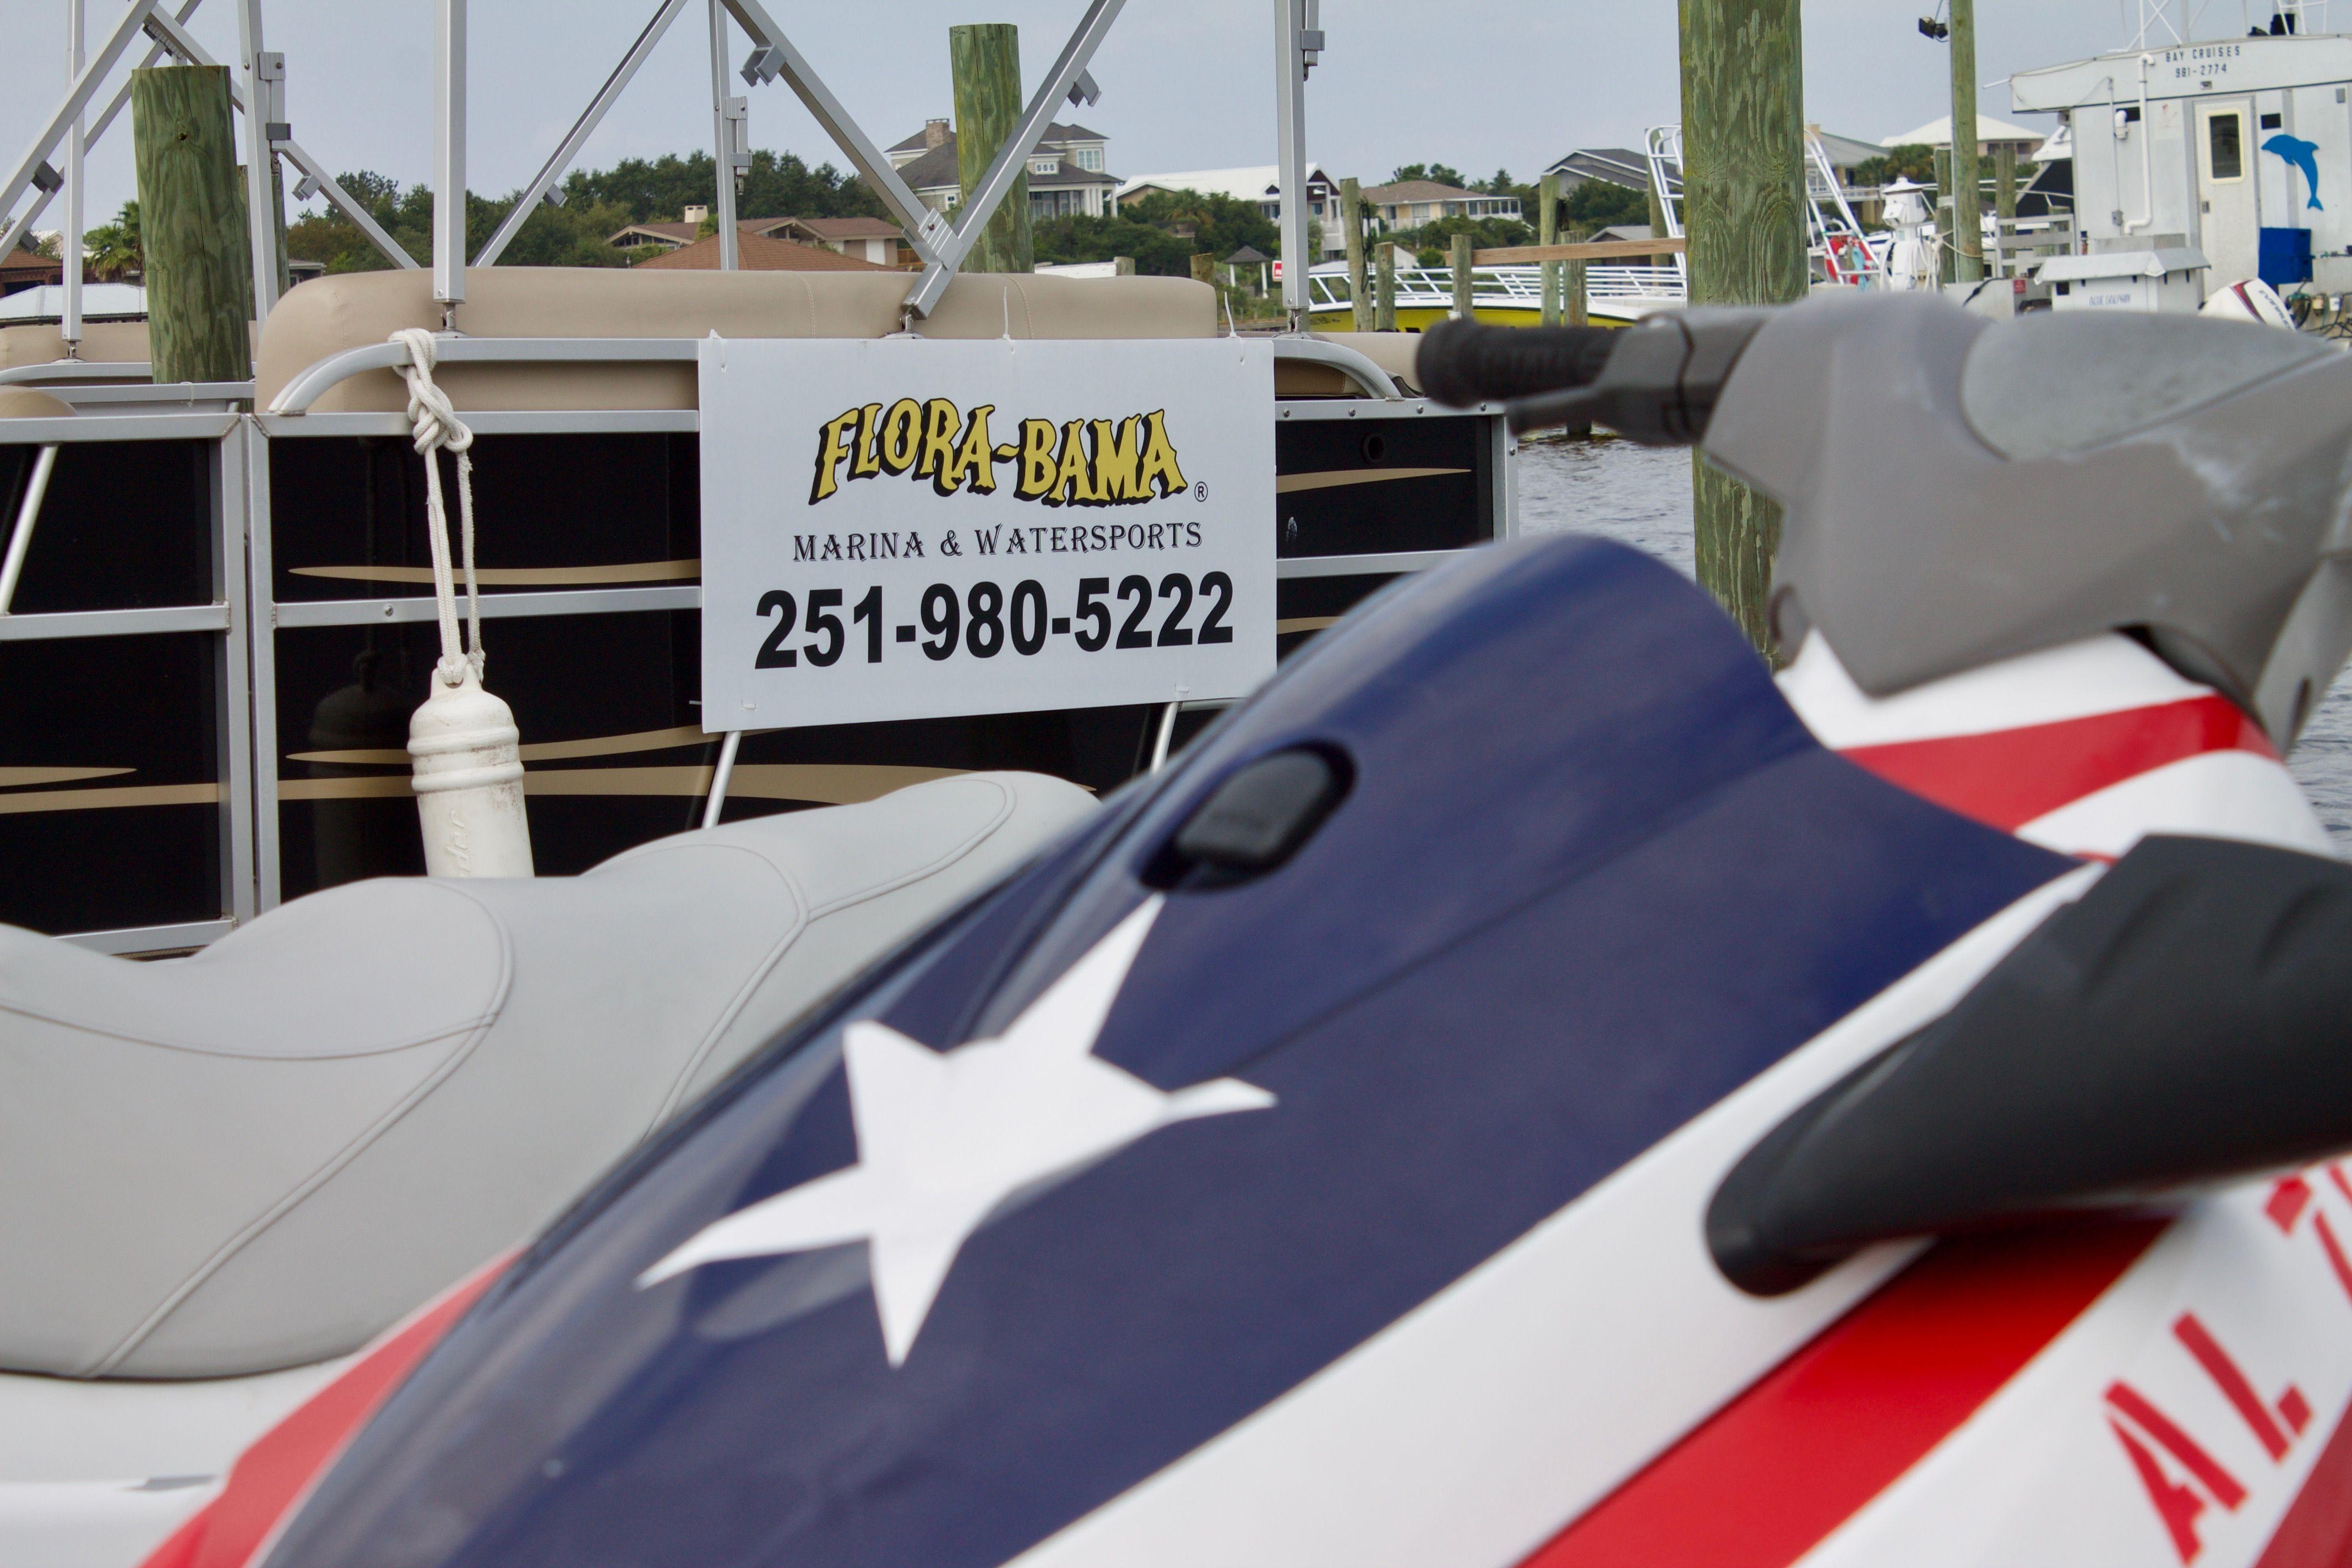 Come rent a jet ski or a pontoon at florabama marina